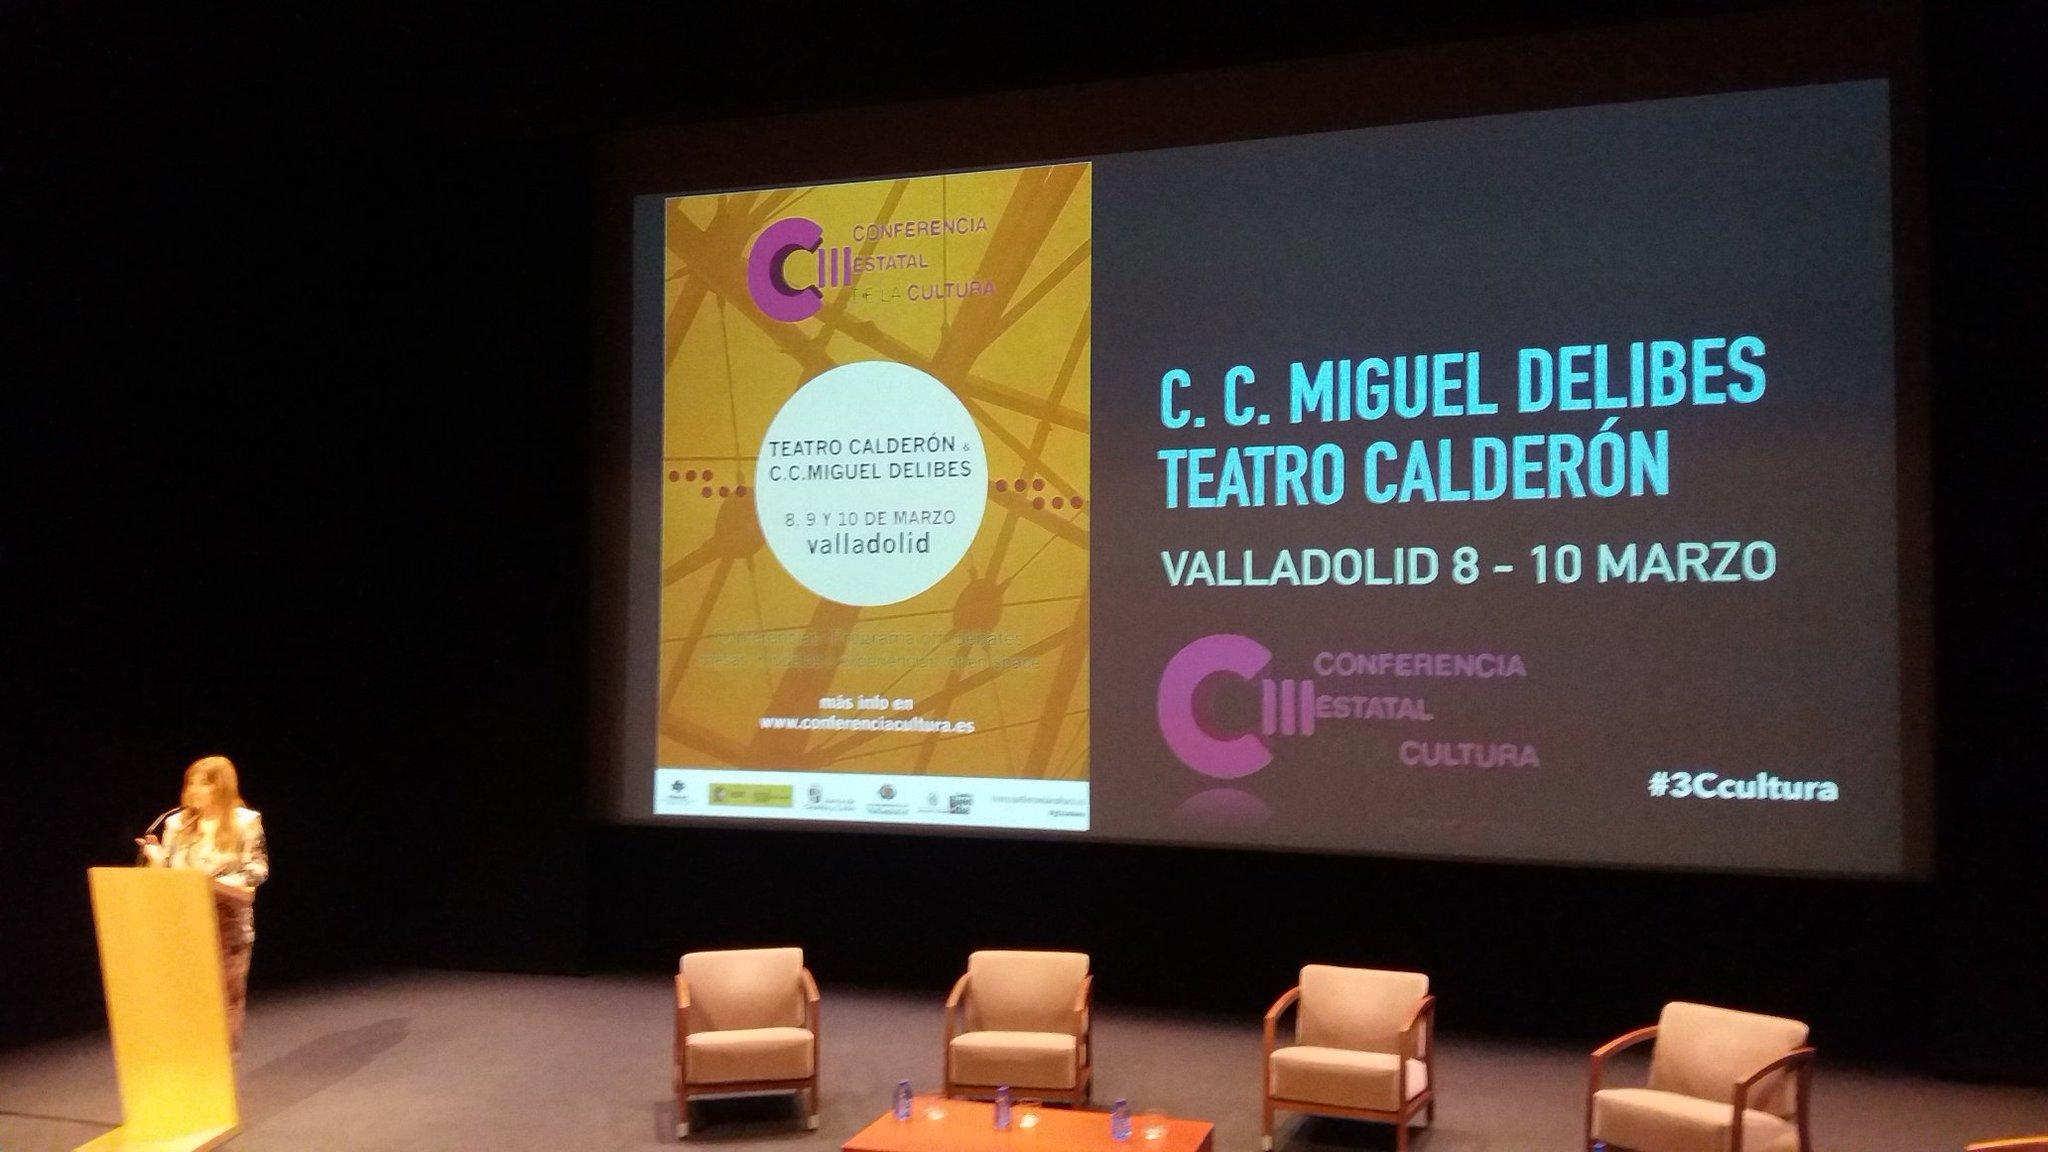 """#3Ccultura Mar Sancho: """"Estamos elaborando el II Plan de Industrias Culturales. Clave el diálogo y la diversidad"""". https://t.co/jwdlctgsDQ"""